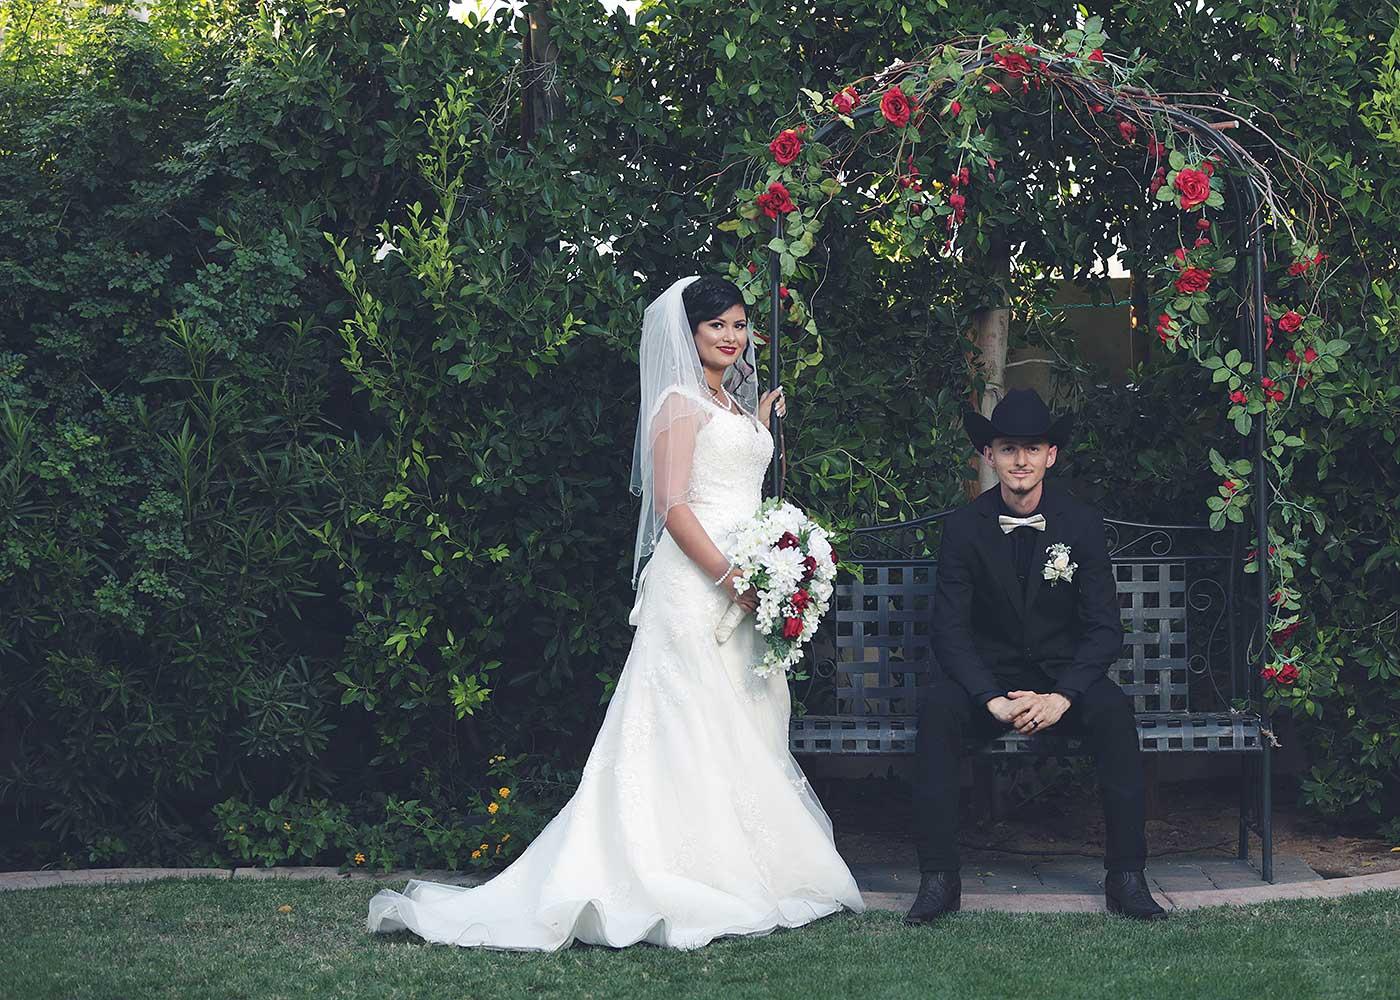 el mejor servicio de fotografía de boda de Mesa Arizona